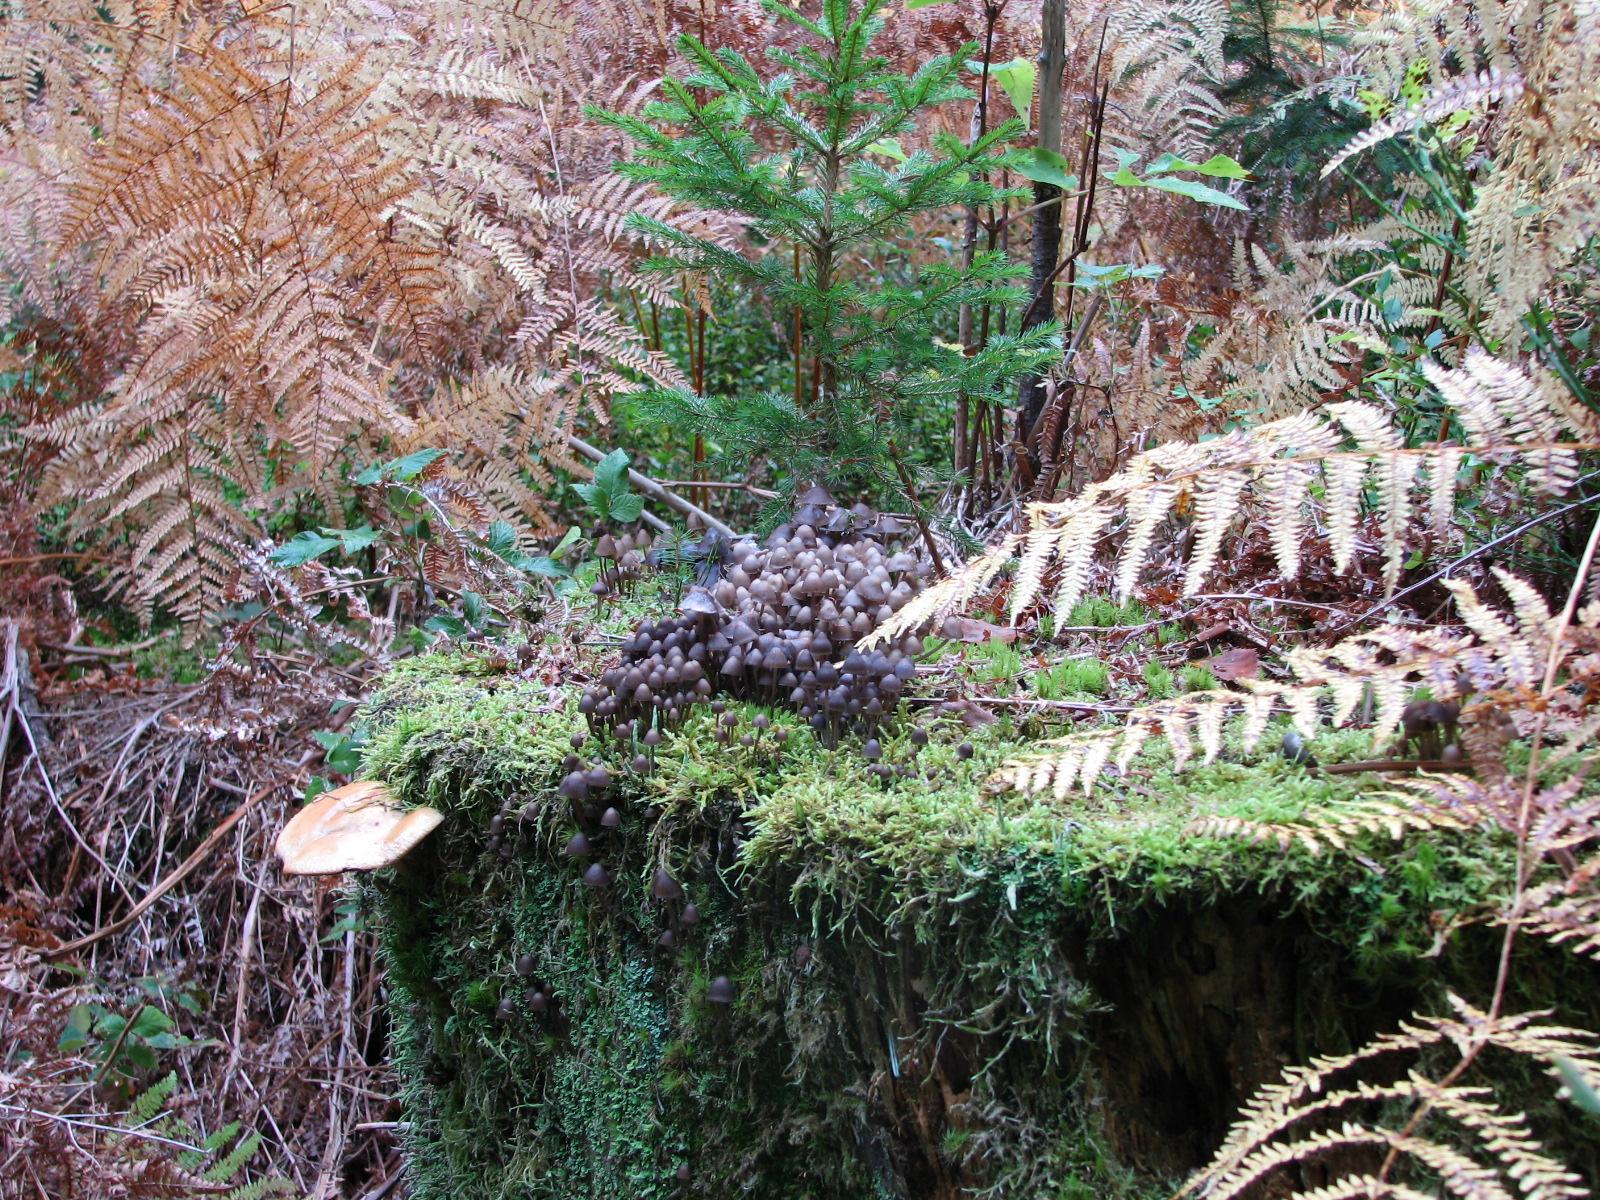 Voyage au cœur de la vie des mousses, forêt de la comté